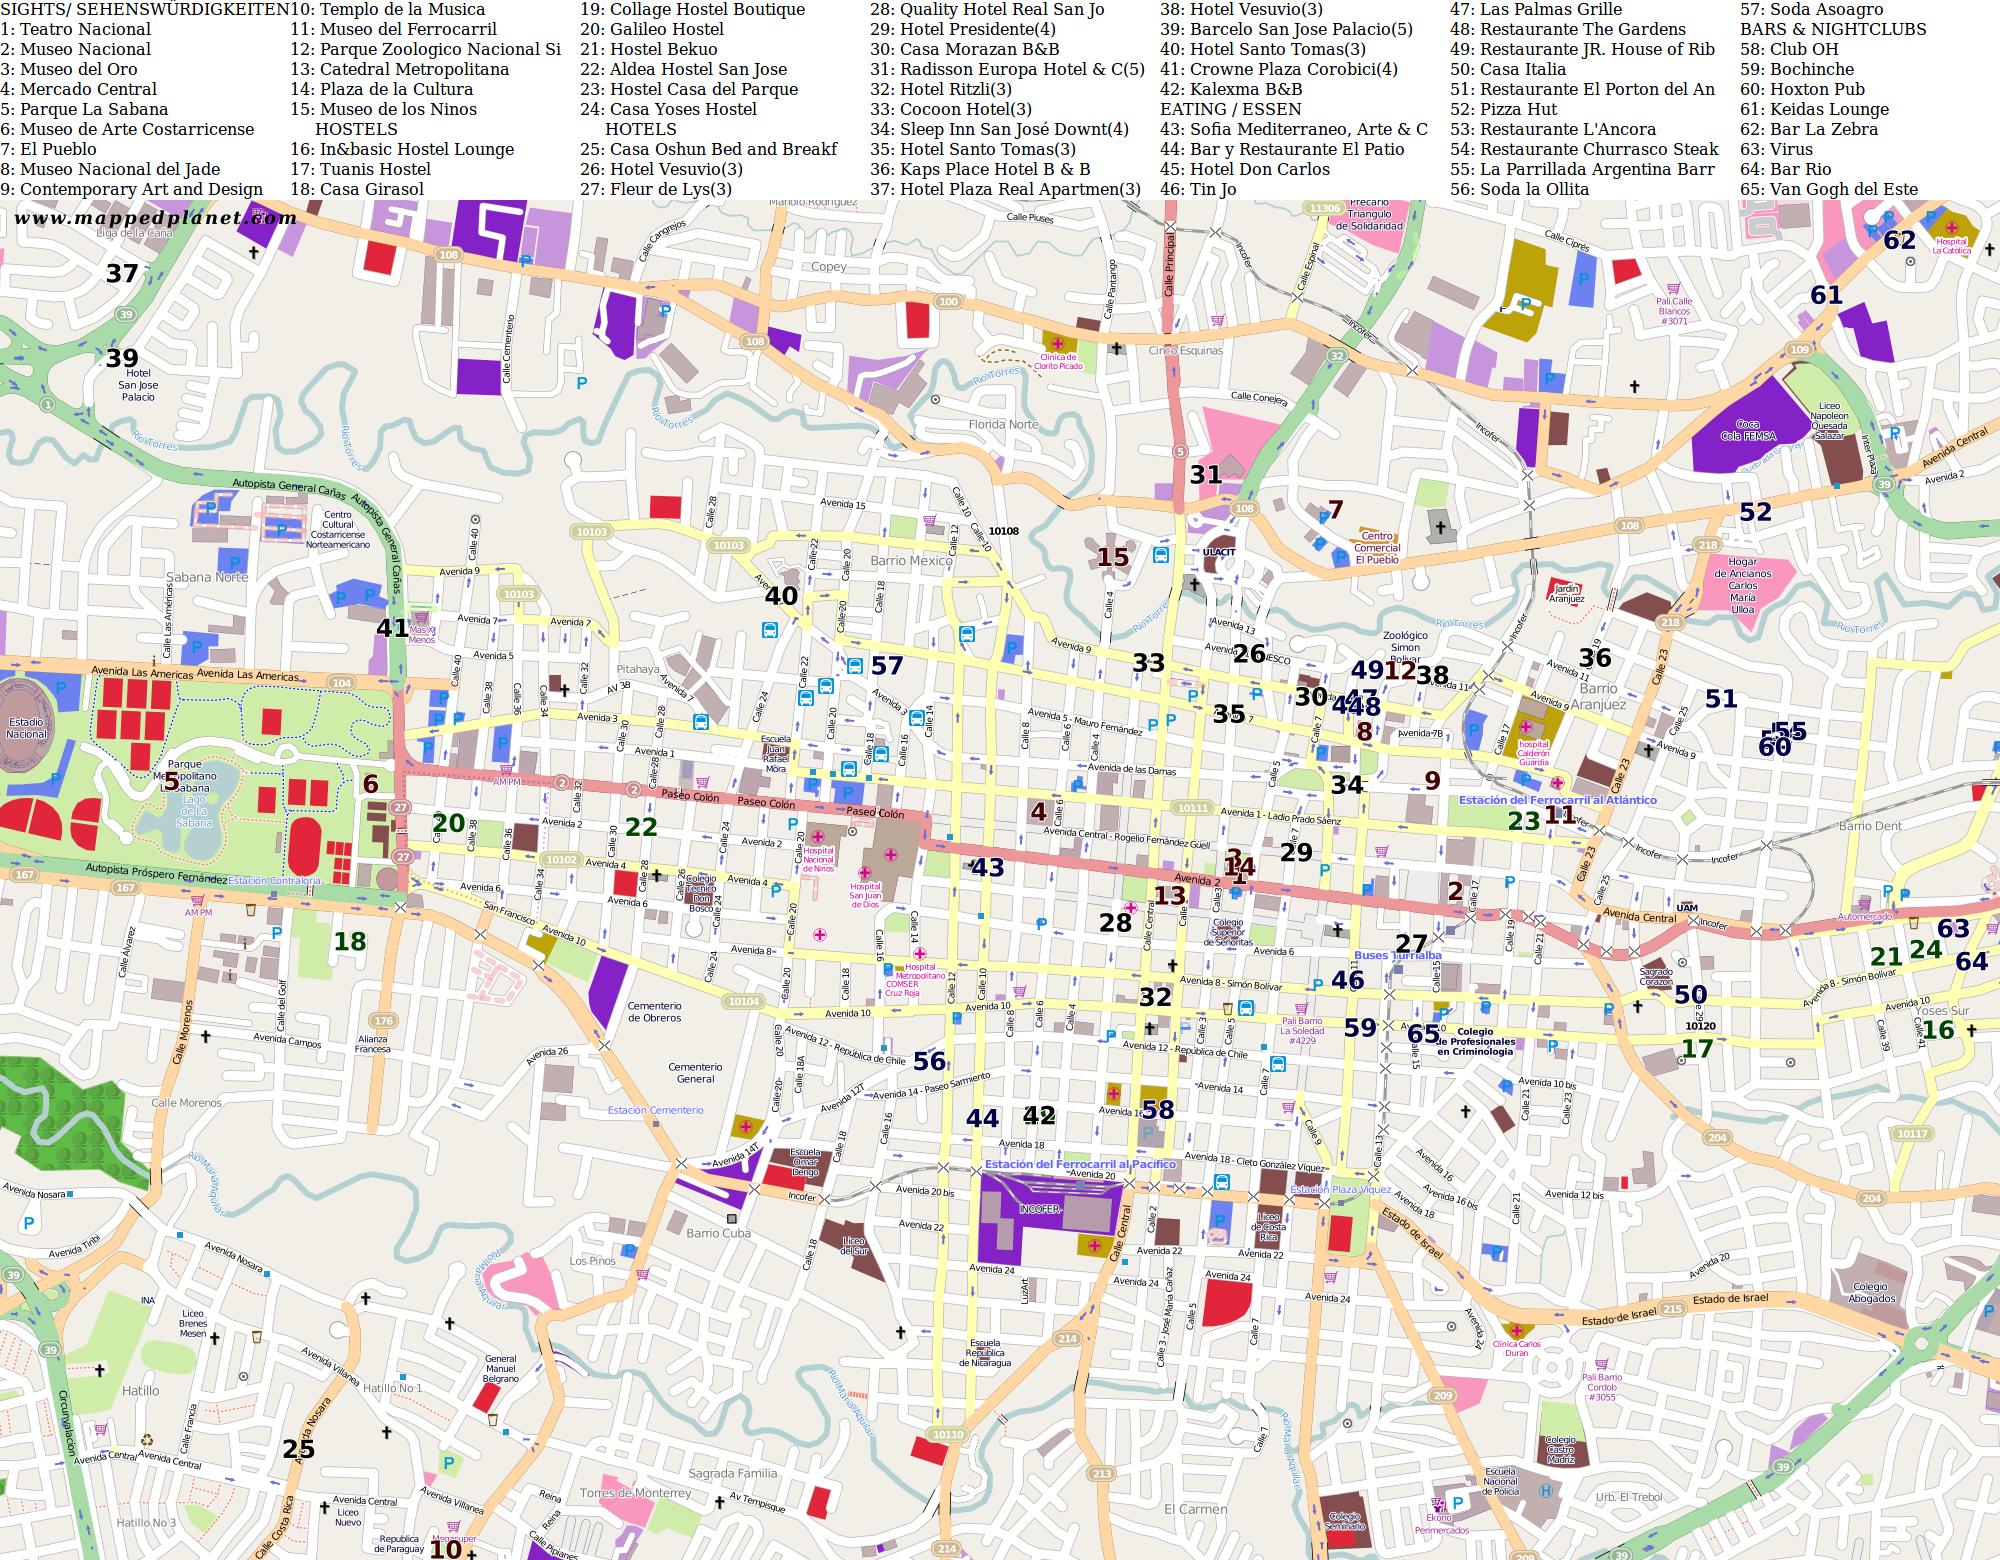 Costa Rica Karte Sehenswurdigkeiten.Karten Und Stadtplane San Jose